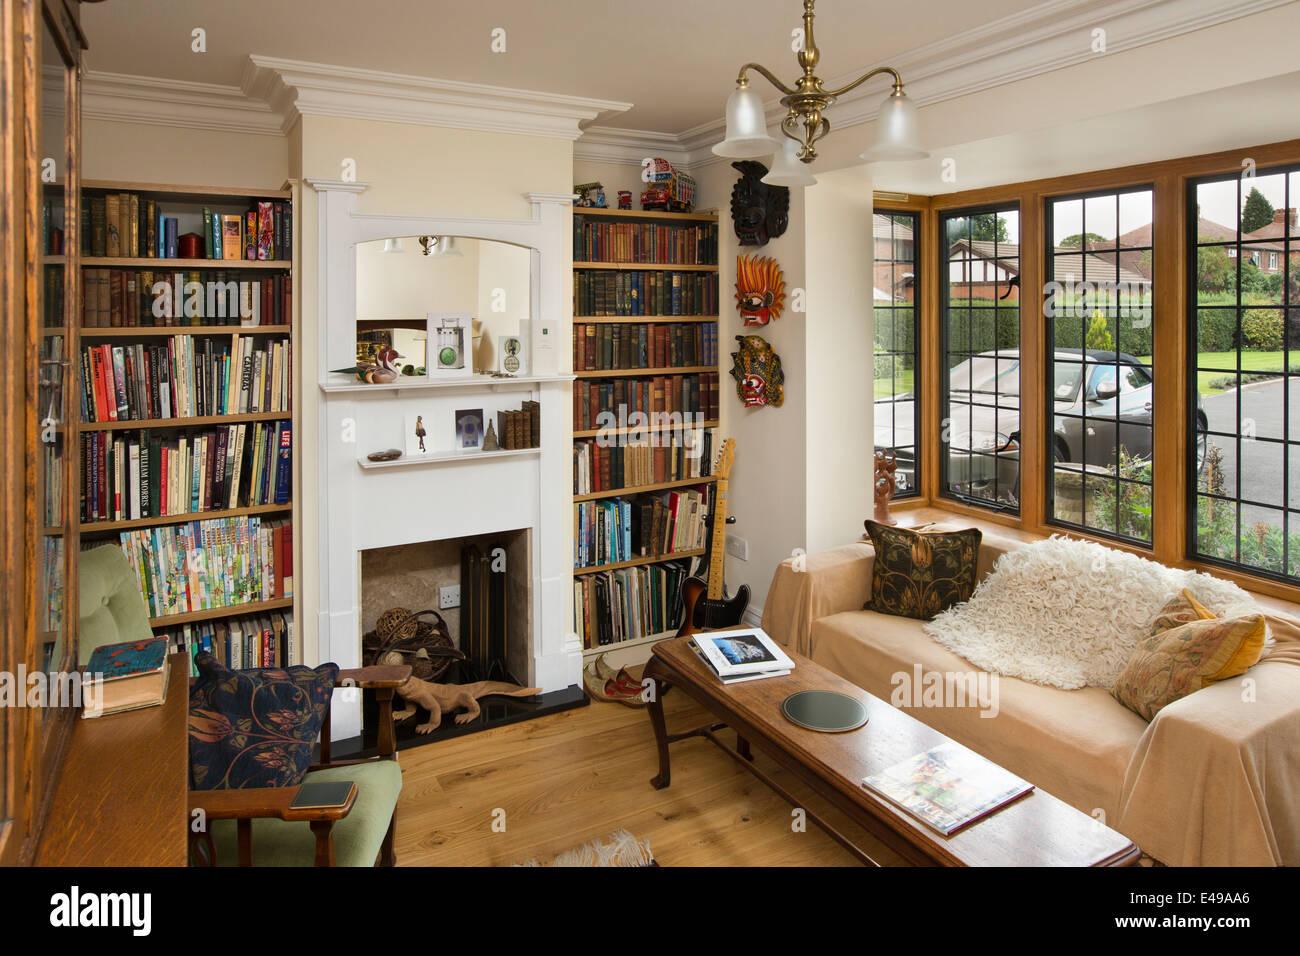 Haus Innenräume, kleine Stüberl mit Bücherregalen von selbstgebauten ...